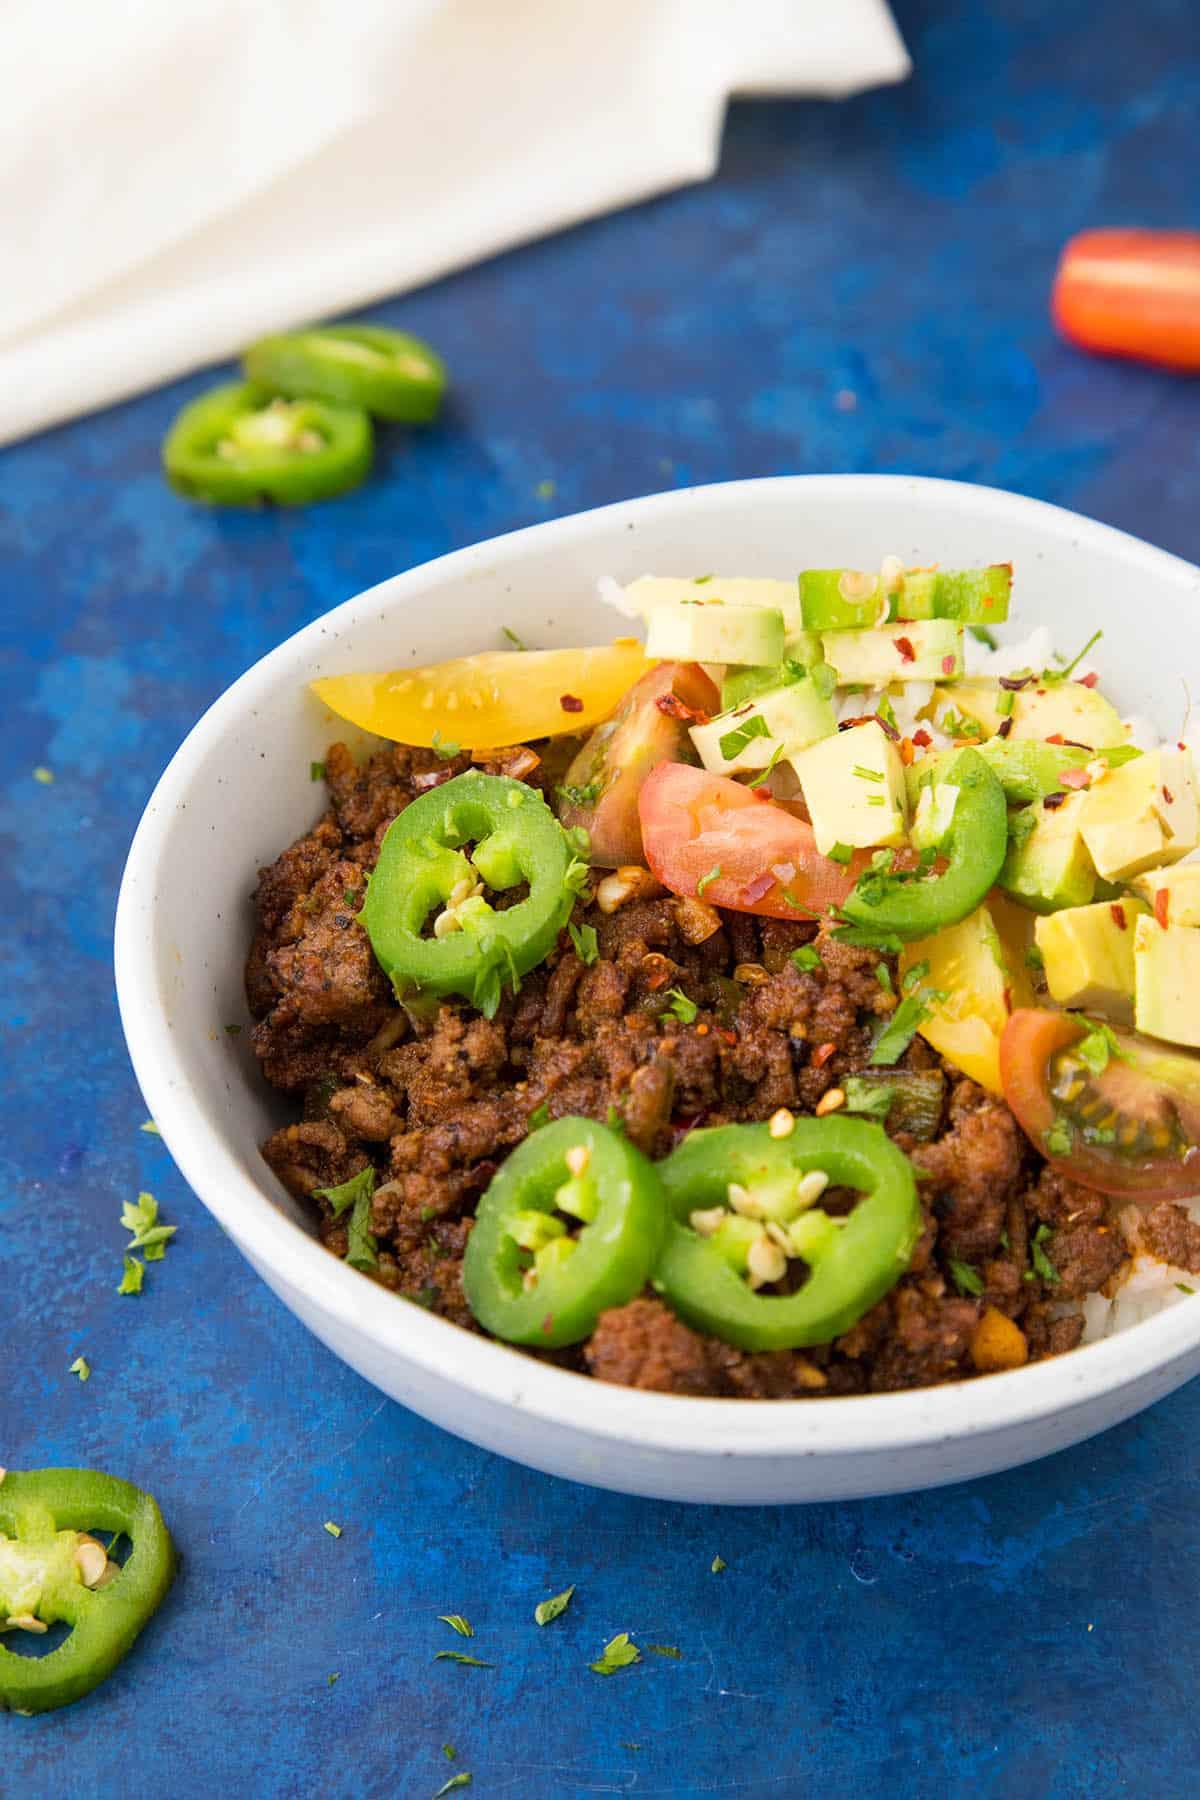 Easy Spicy Taco Bowls